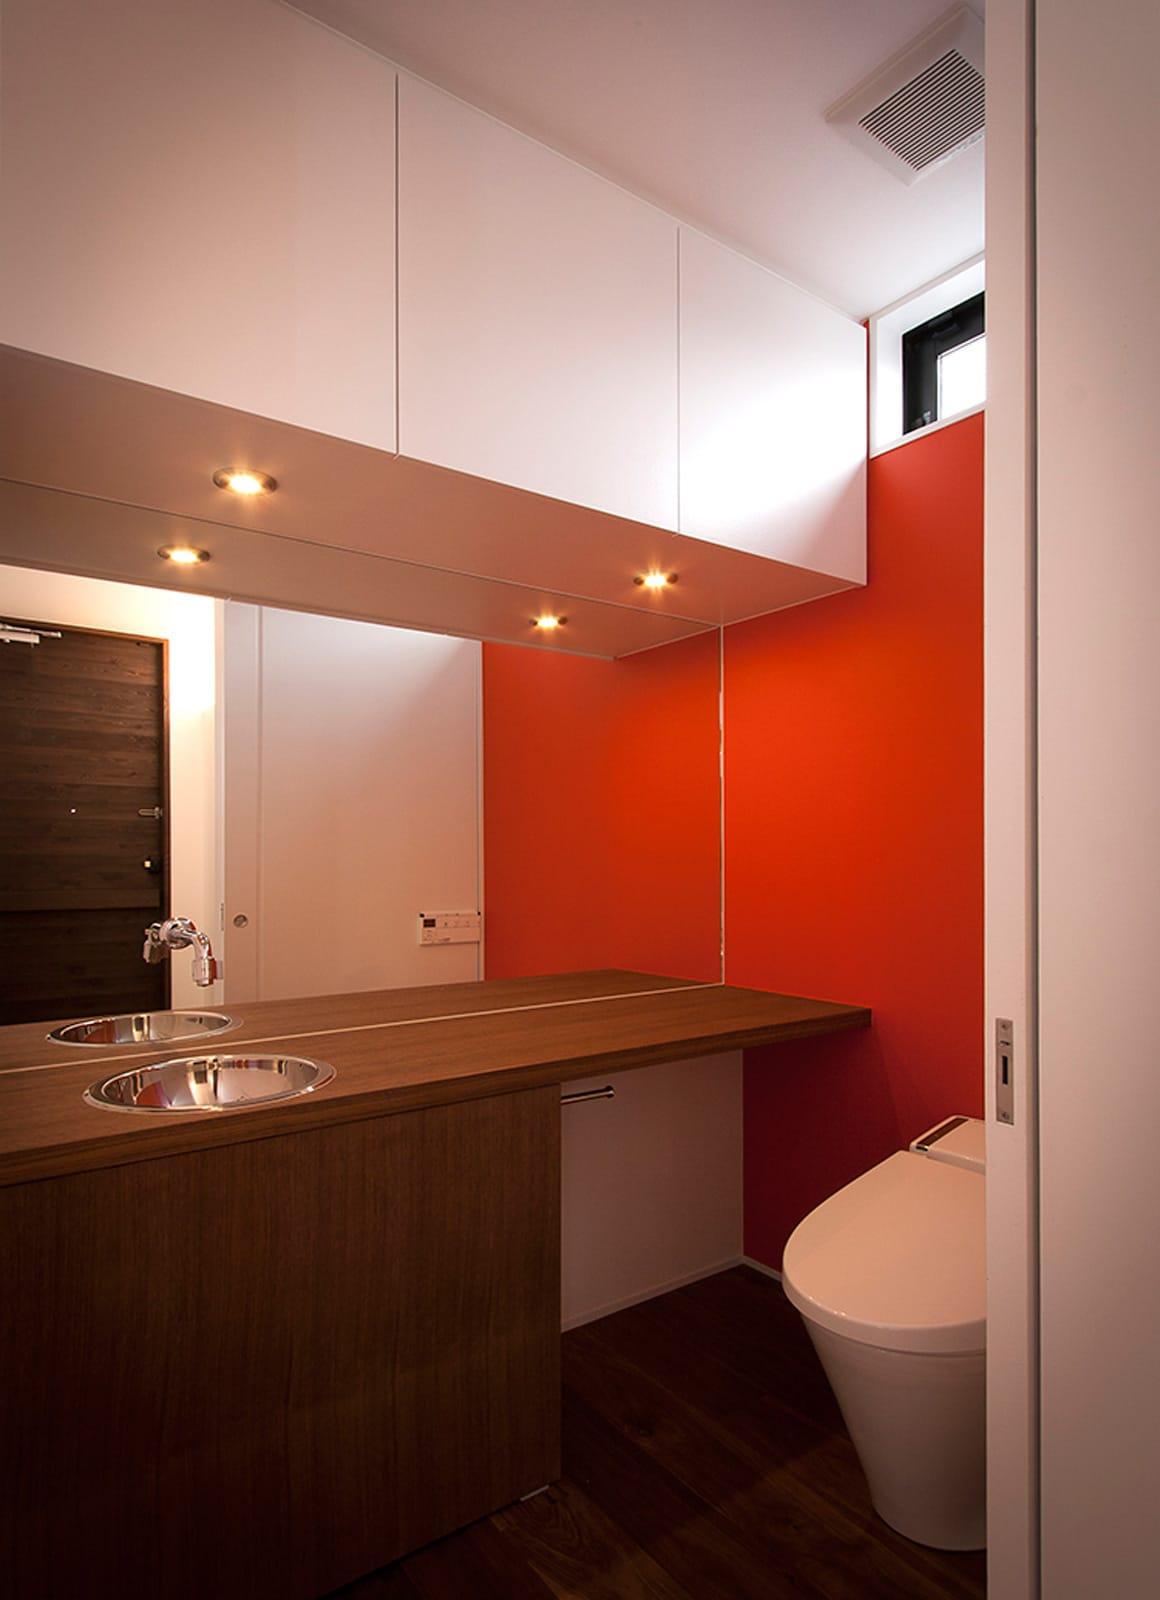 テラスとジャパニーズモダンの家のトイレ1